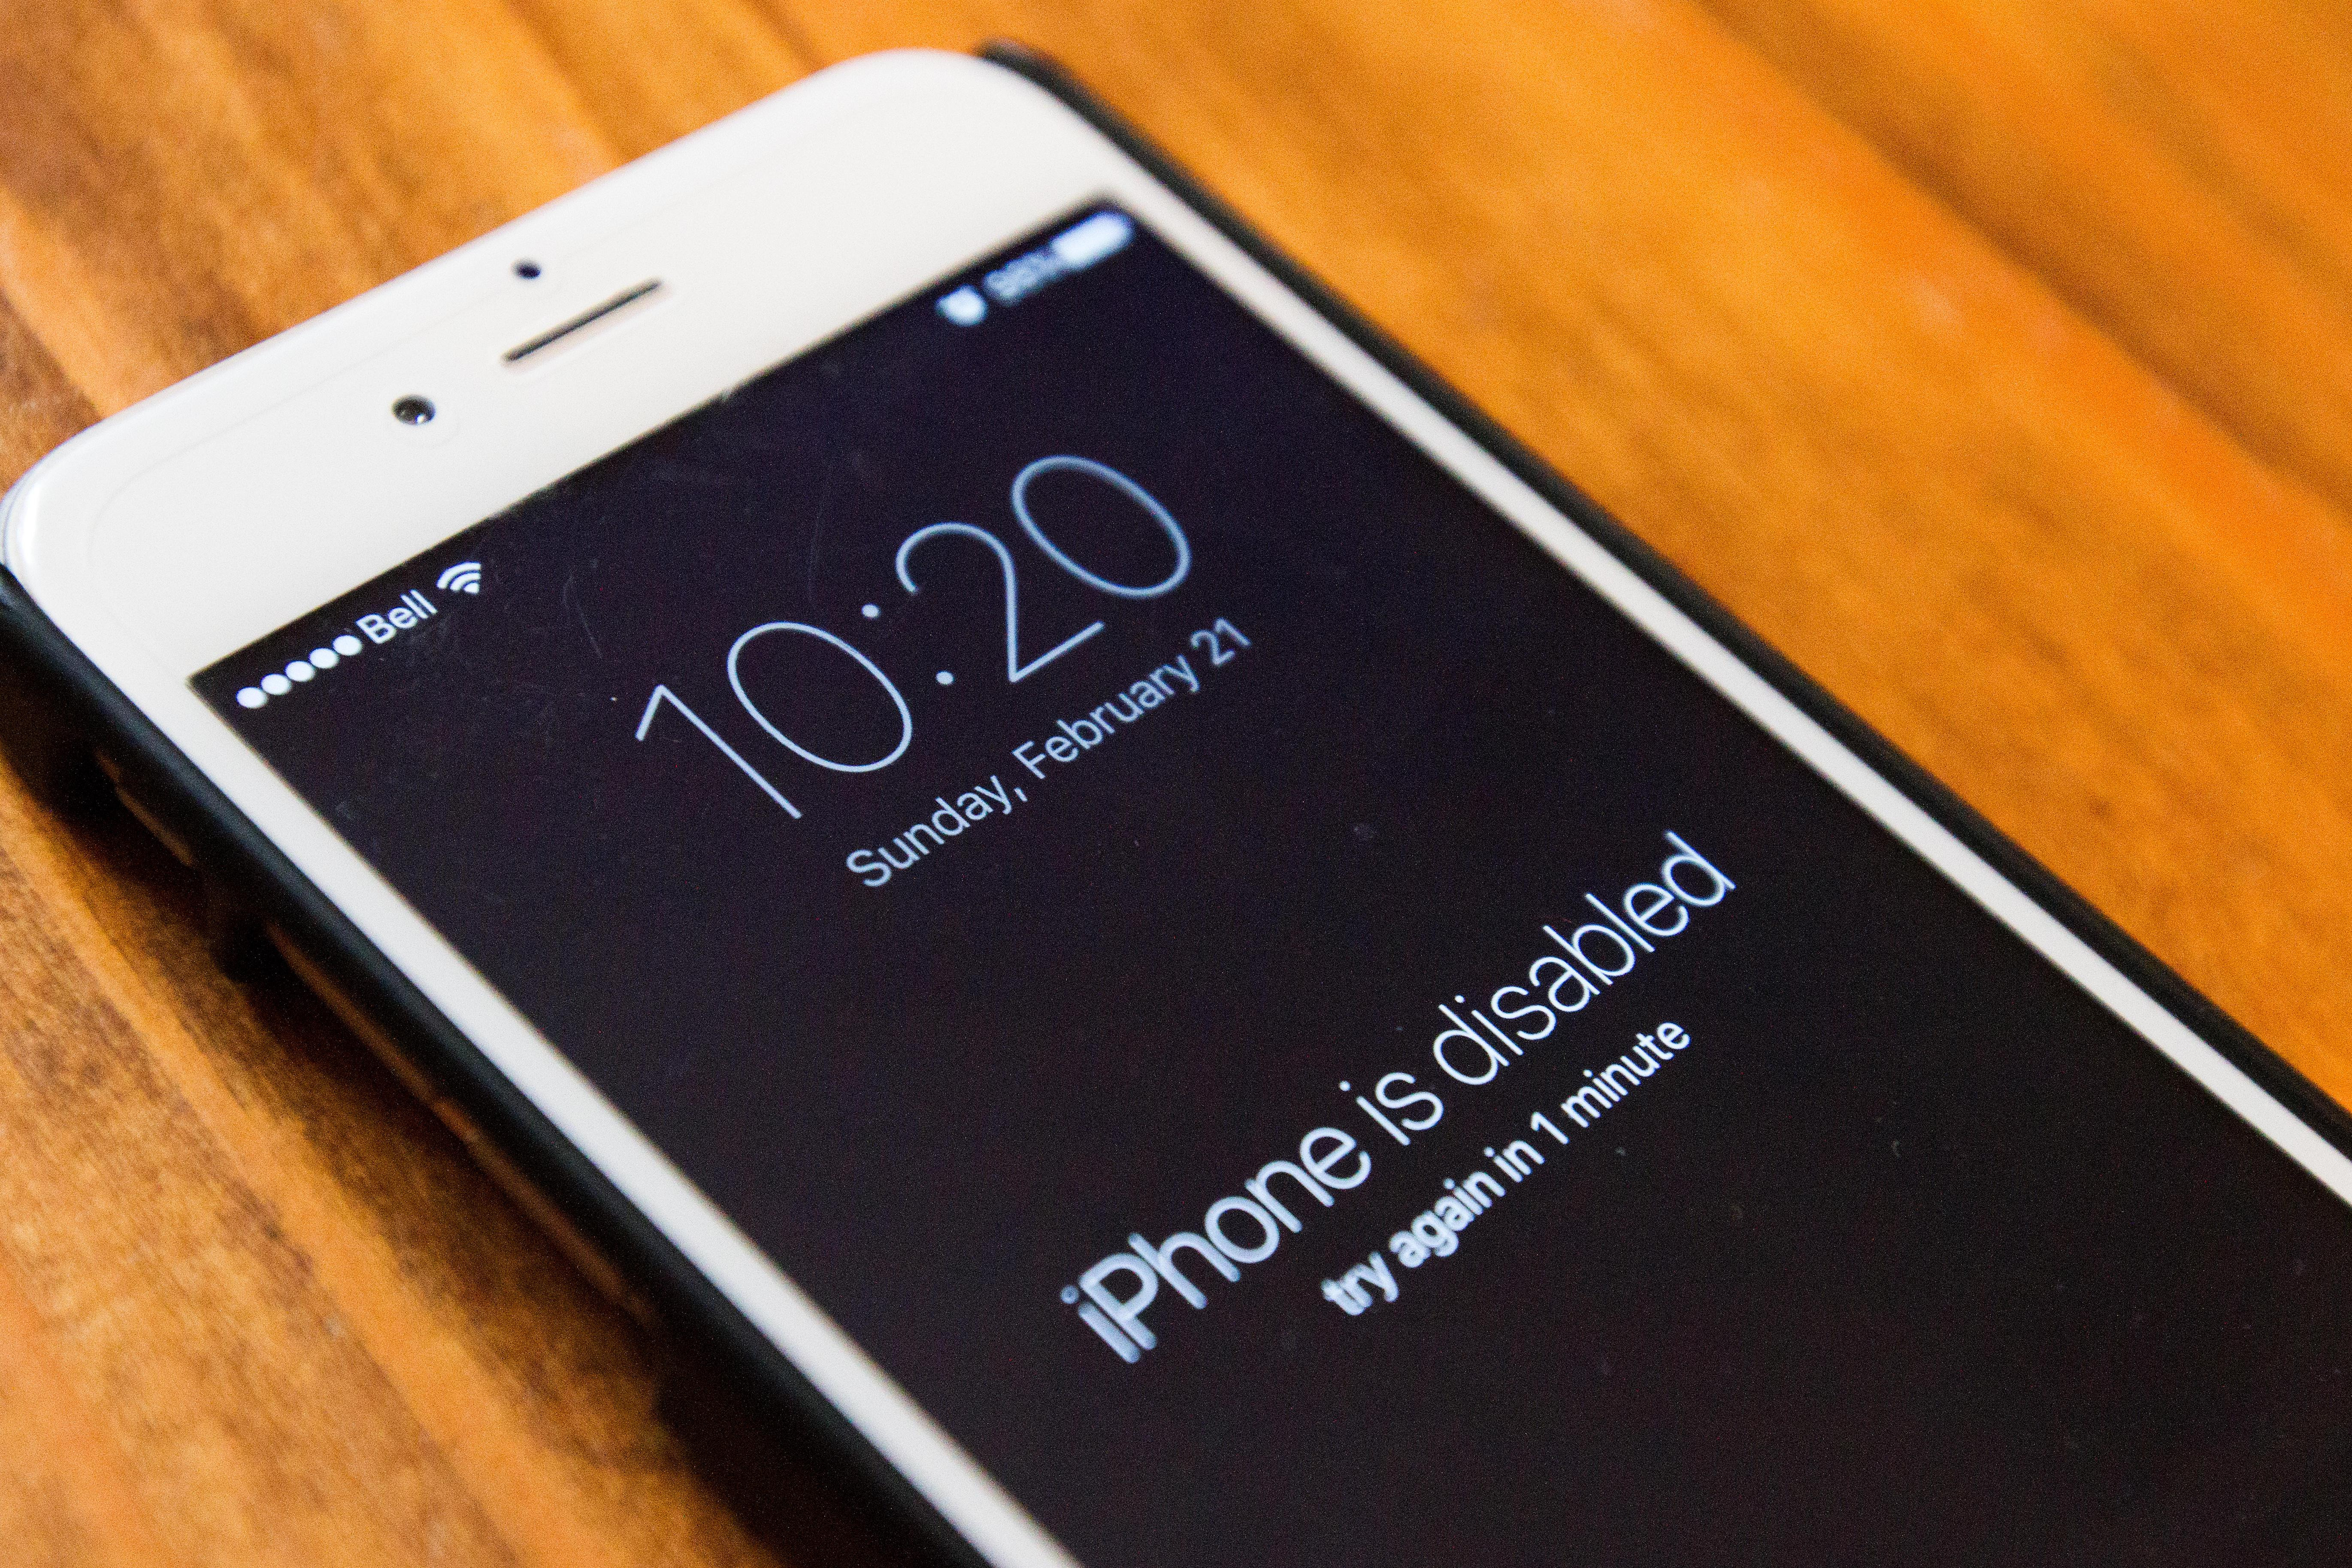 Trong số các thiết bị cầm tay không còn được hỗ trợ bởi Apple là iPhone 6, đã lên kệ vào năm 2015